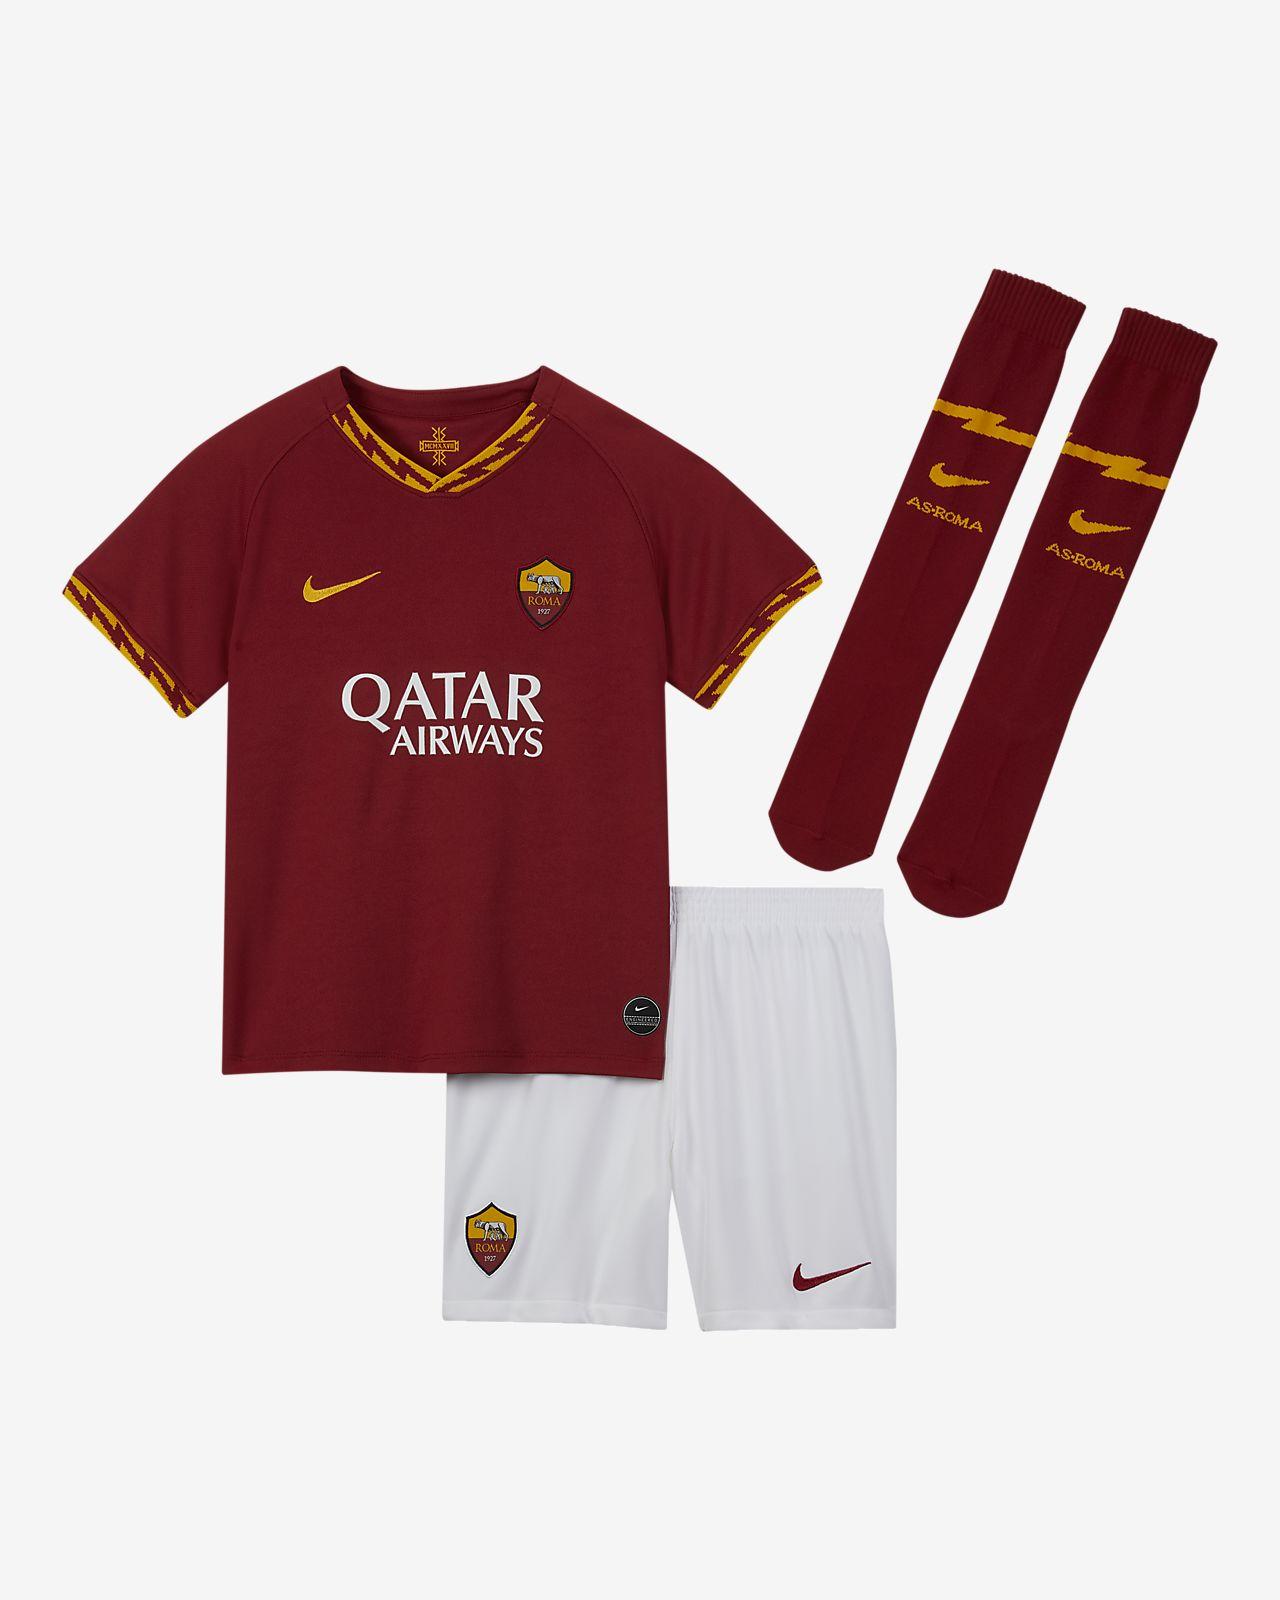 Kit de fútbol para niños talla pequeña A.S. Roma 2019/20 Home